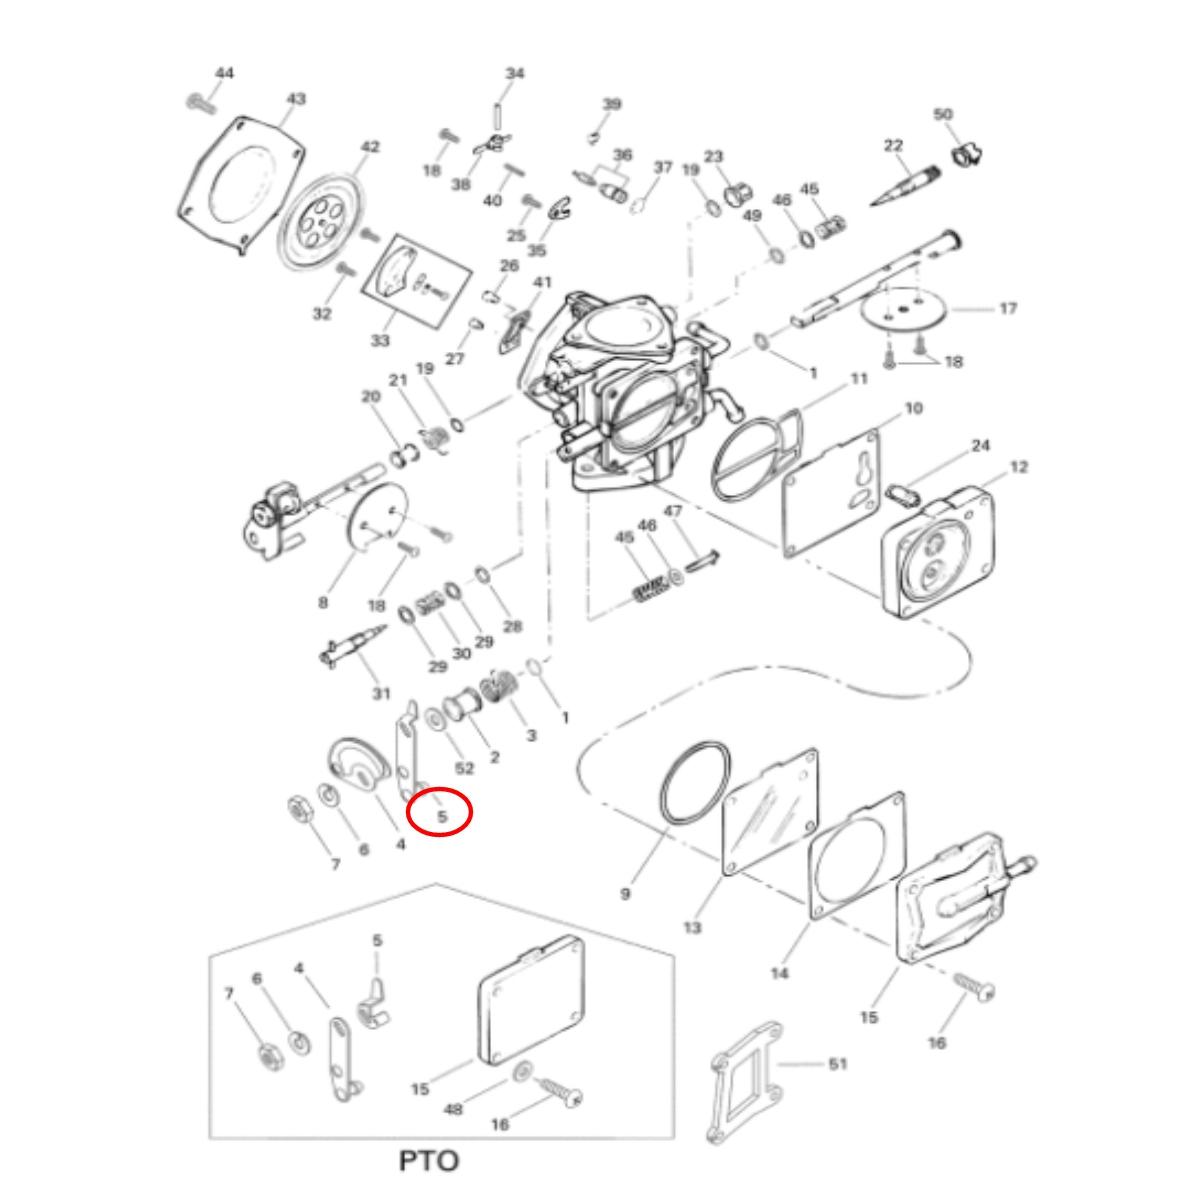 Alavanca de Acelerador Jet Ski Sea Doo GTX94 (magneto)  - Radical Peças - Peças para Jet Ski